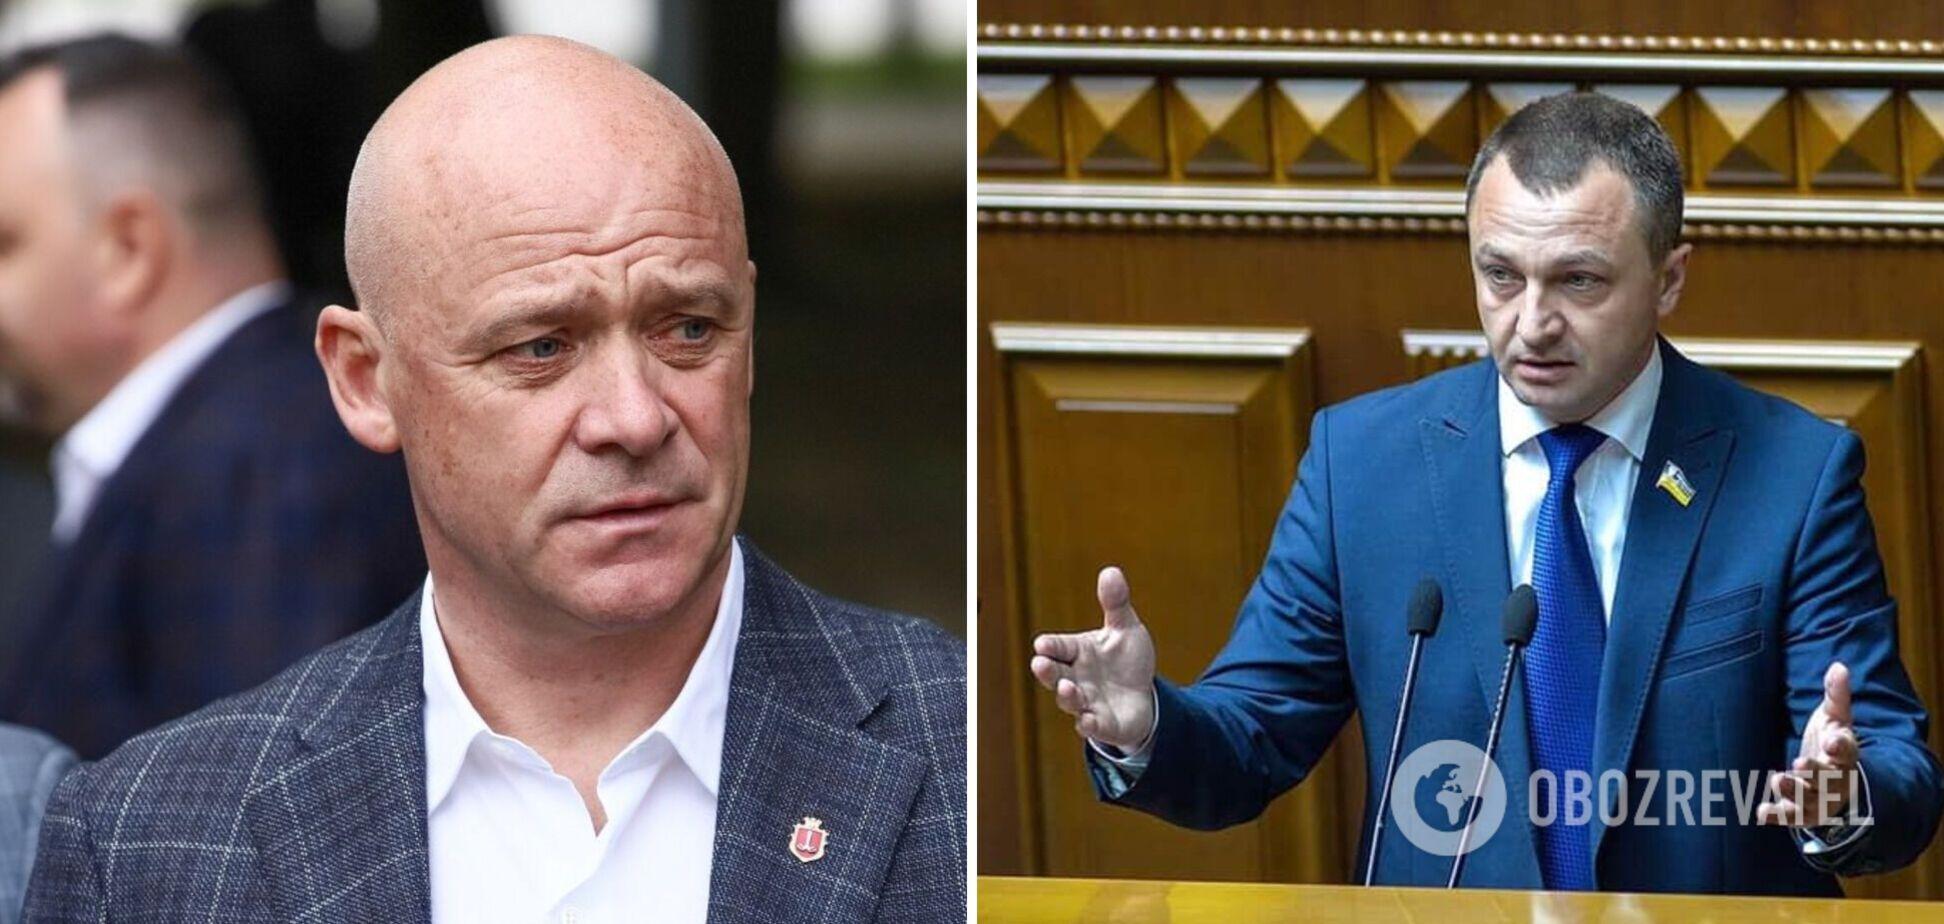 Труханов відповів на пропозицію замінити російськомовний гімн Одеси